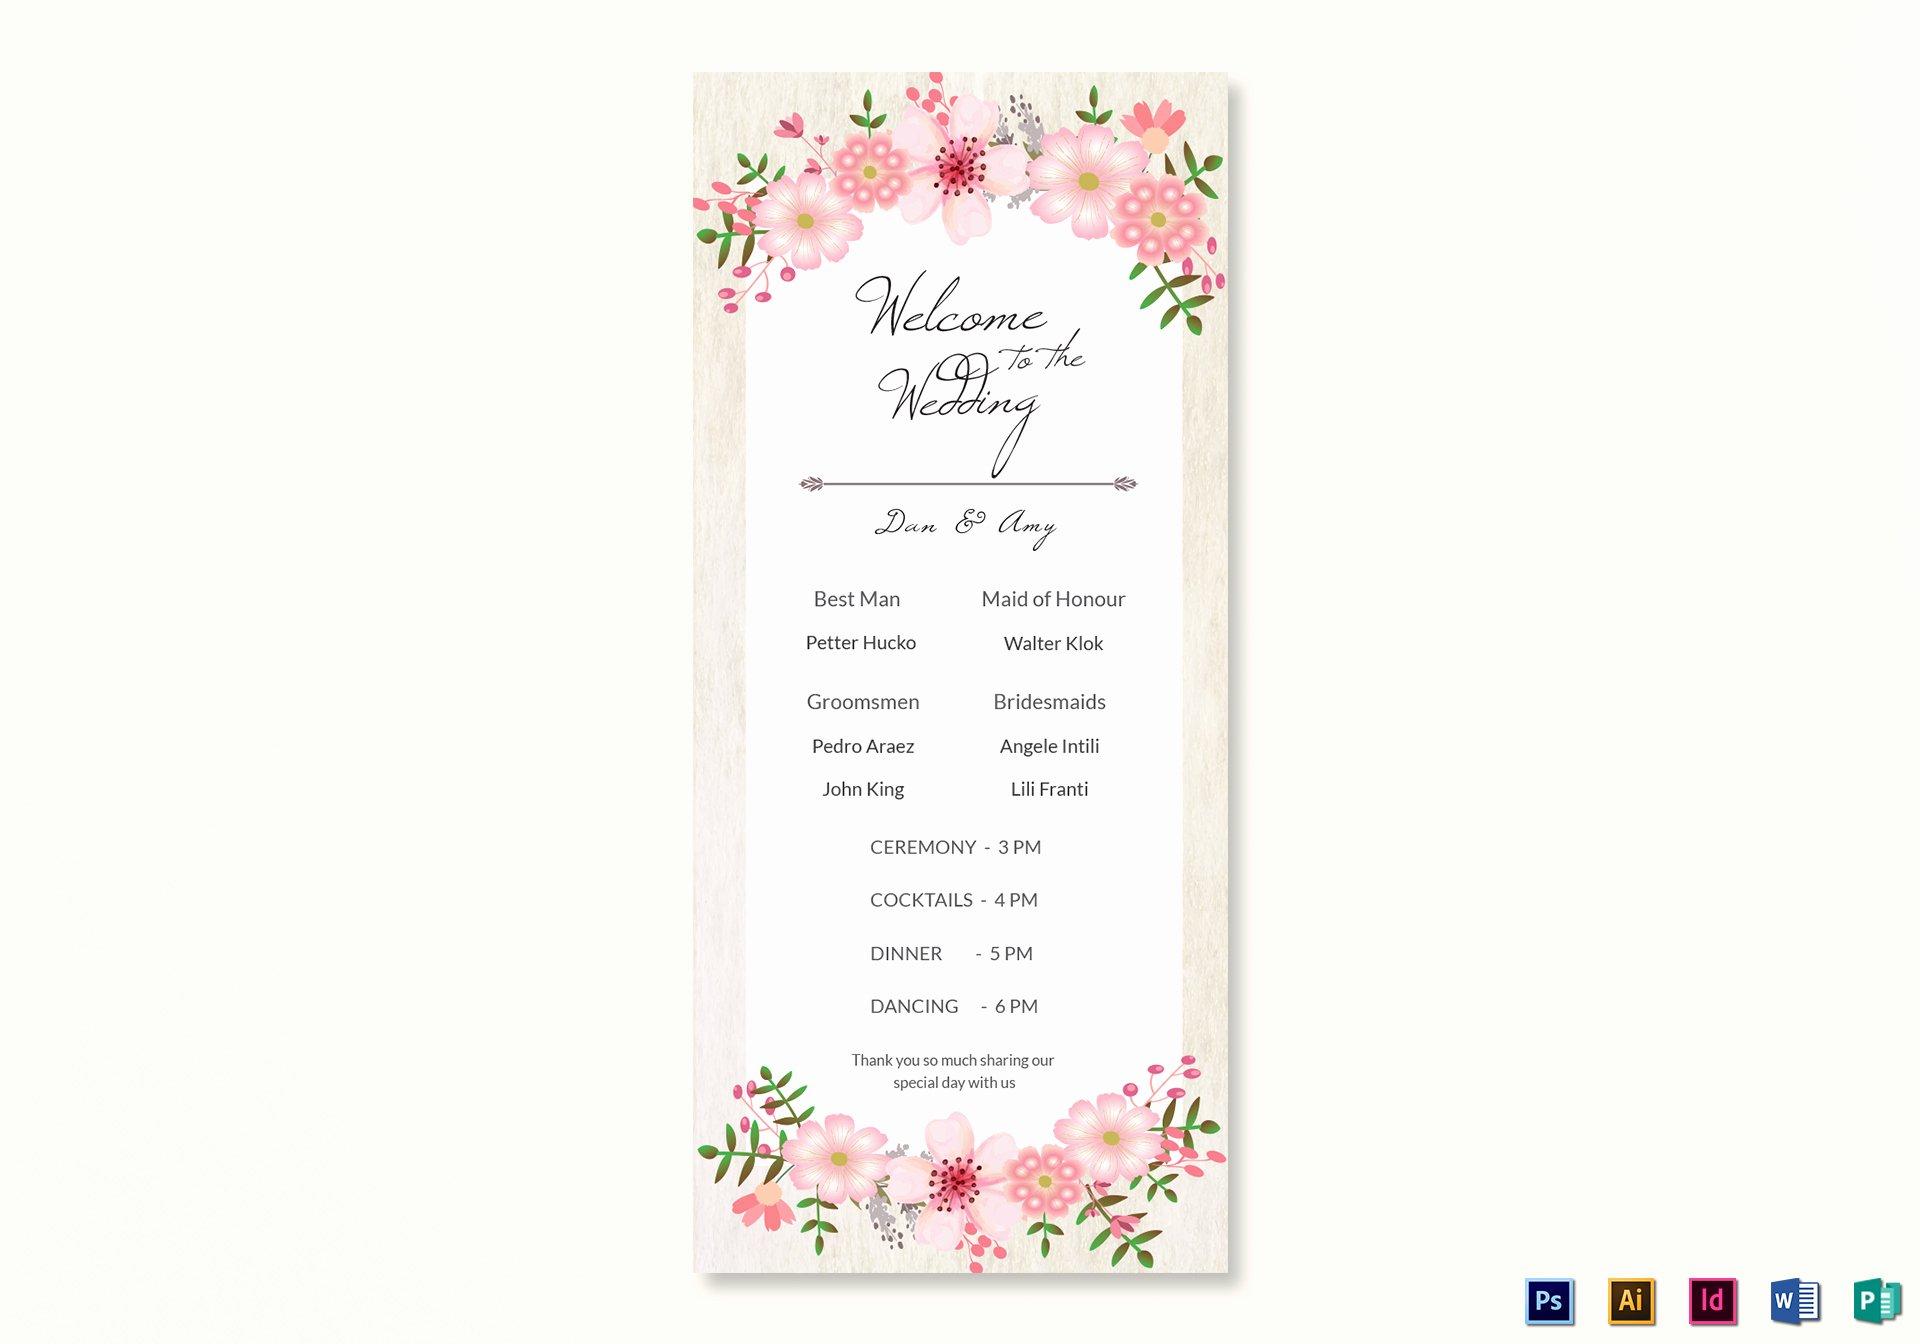 Indesign Wedding Program Template New Pink Floral Wedding Program Card Design Template In Psd Word Publisher Illustrator Indesign